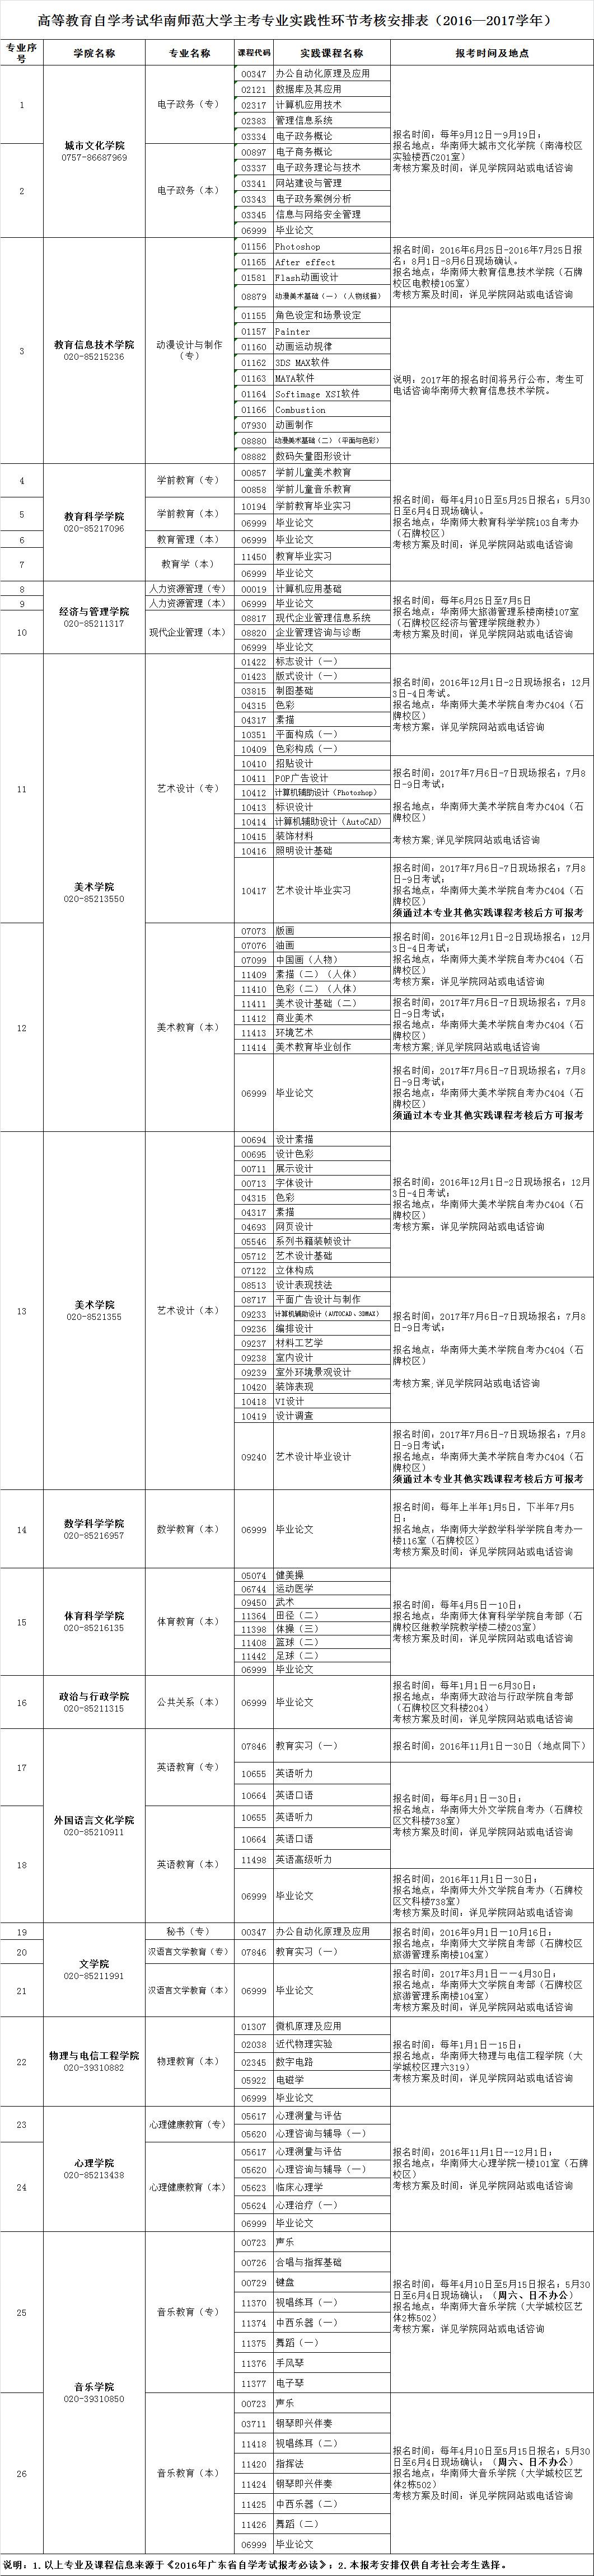 001_副本.jpg